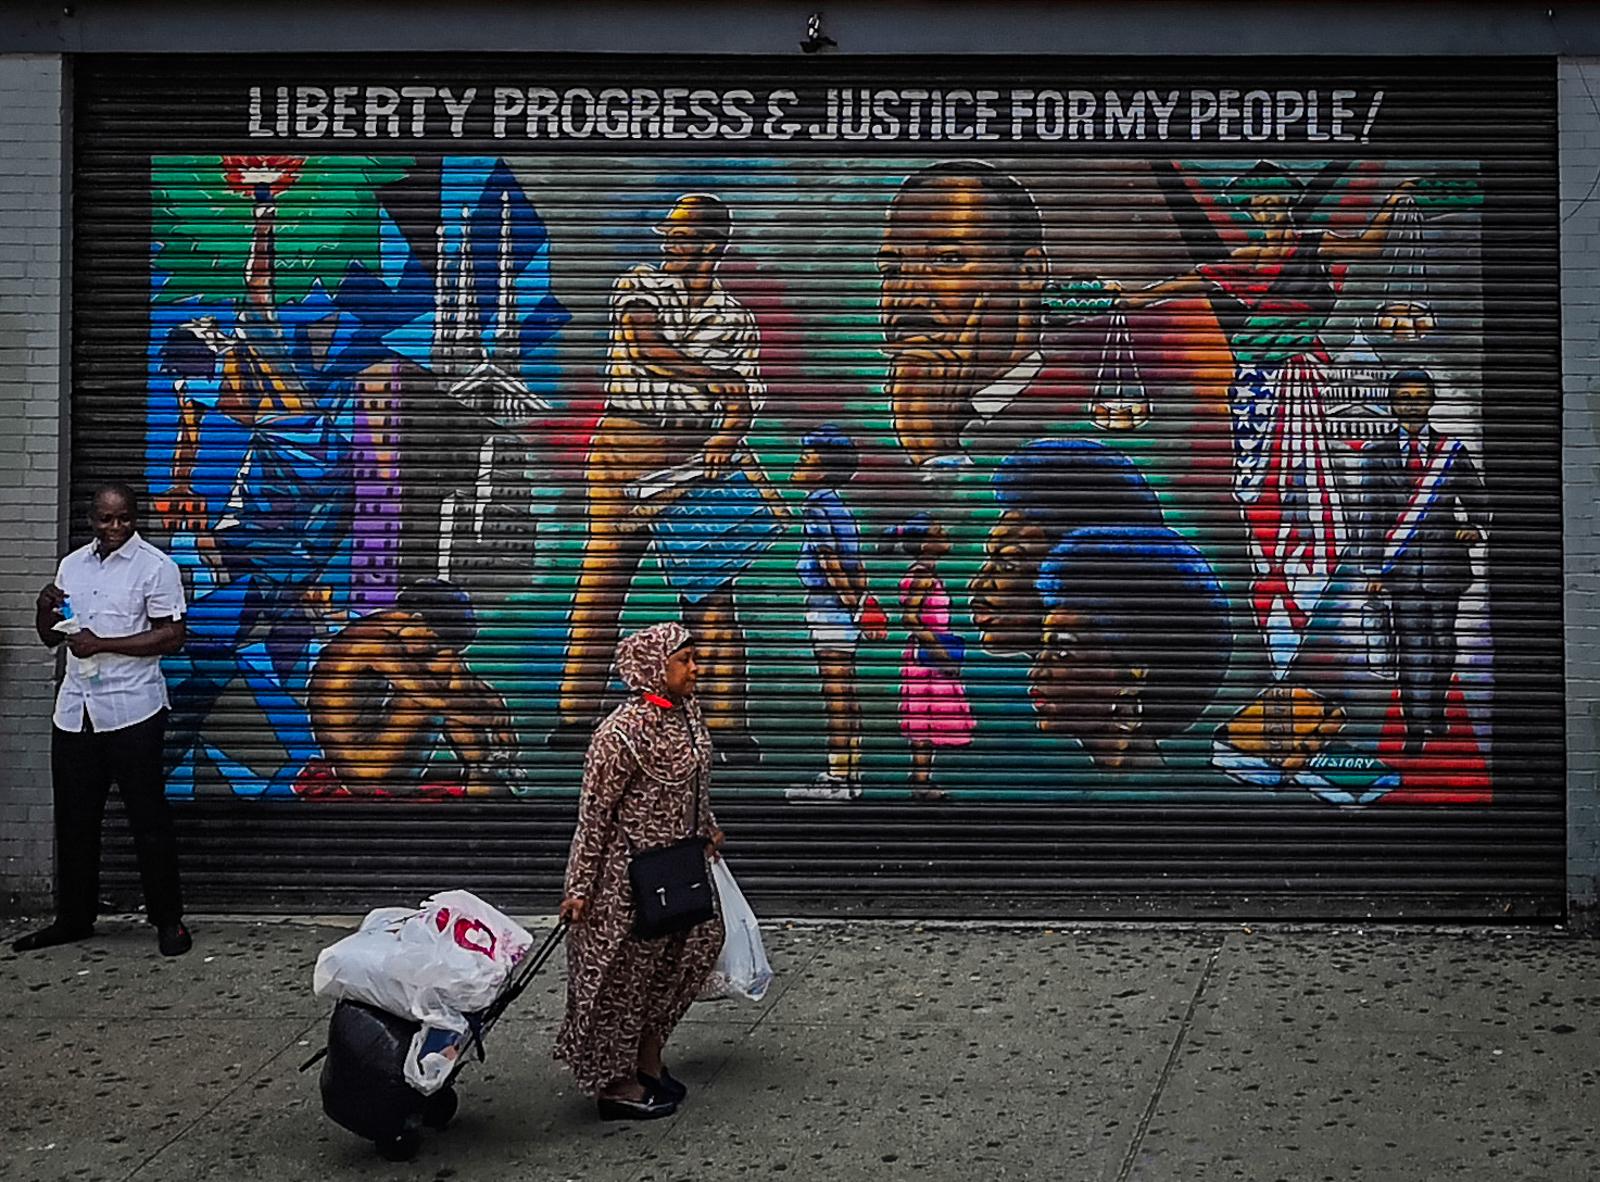 13-05. Harlem